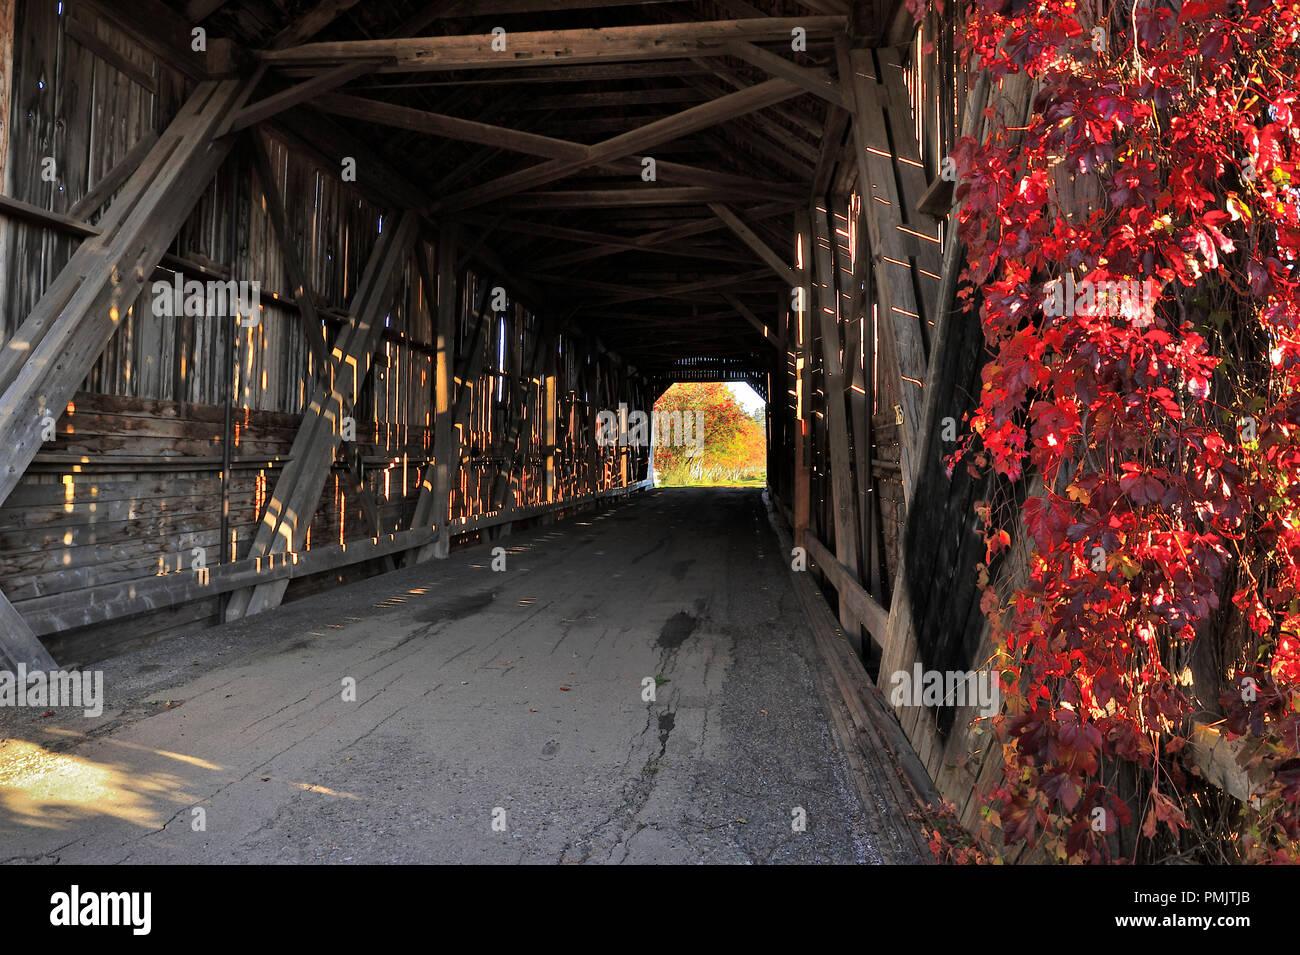 Una imagen horizontal del interior de un puente cubierto, mostrando las pesadas vigas de madera que componen la estructura y la apertura a los demás si Foto de stock